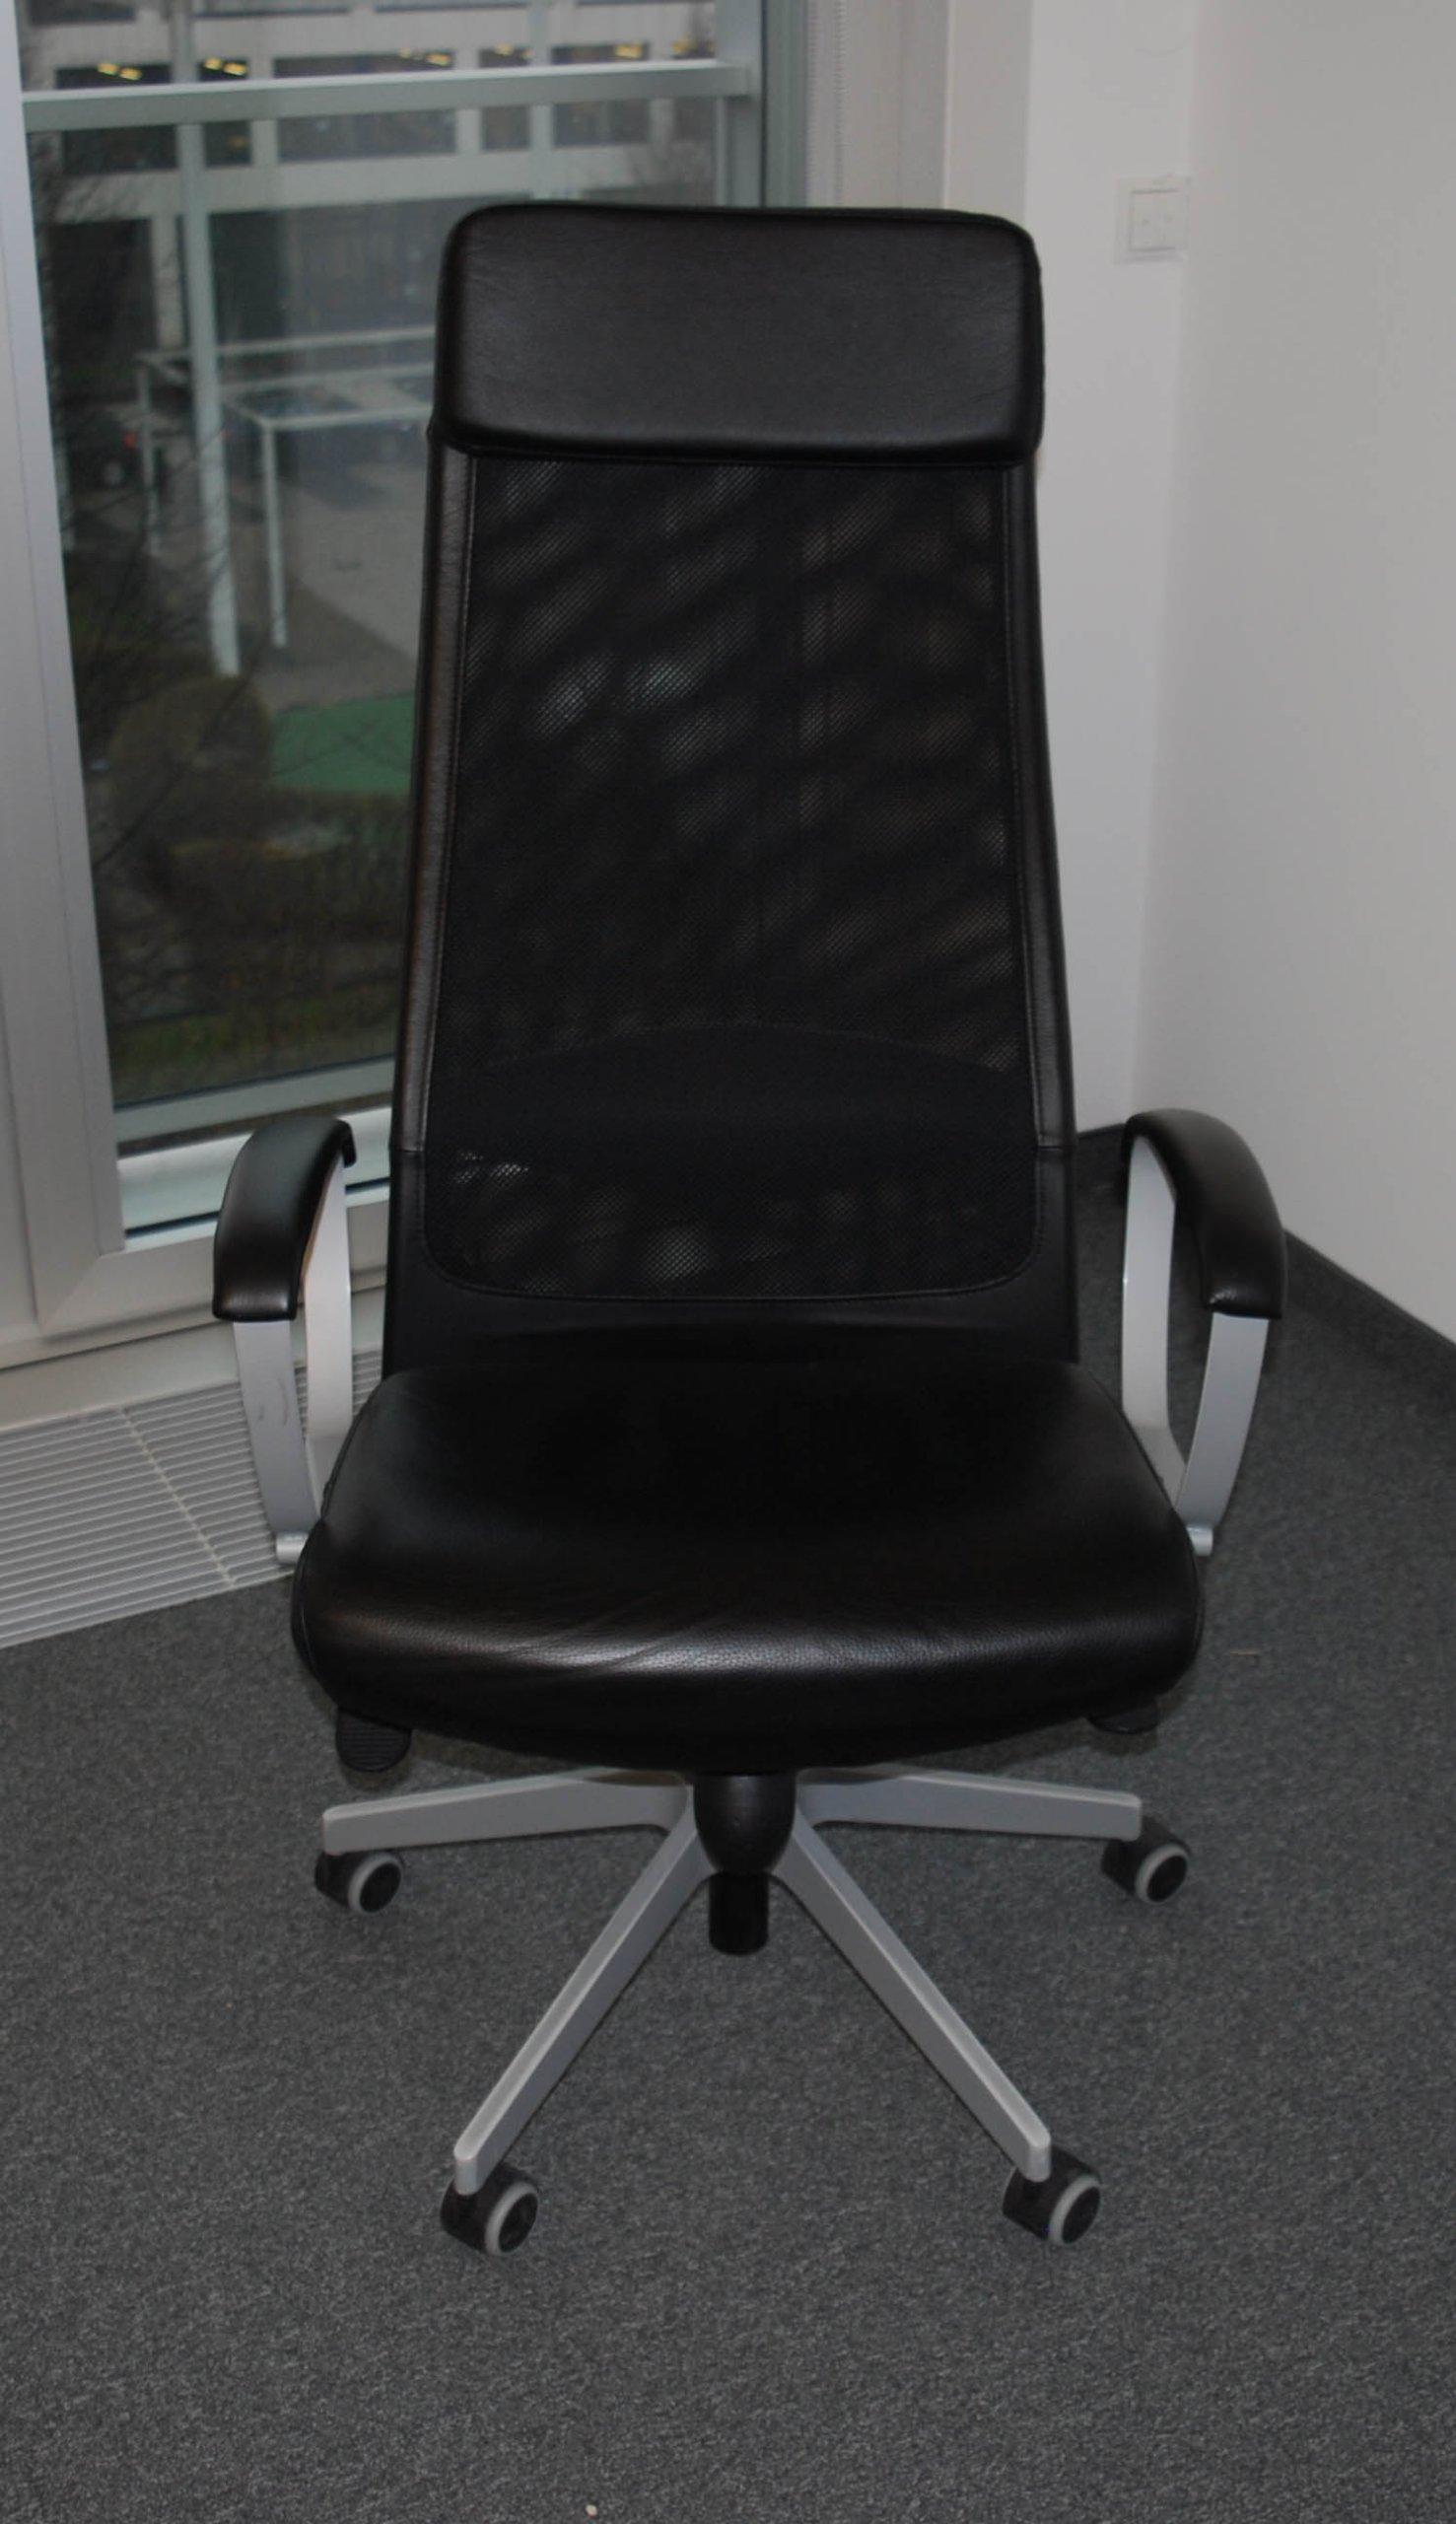 Fotel Biurowy Ikea Markus Skóra Skórzany Skórkowy 7294807973